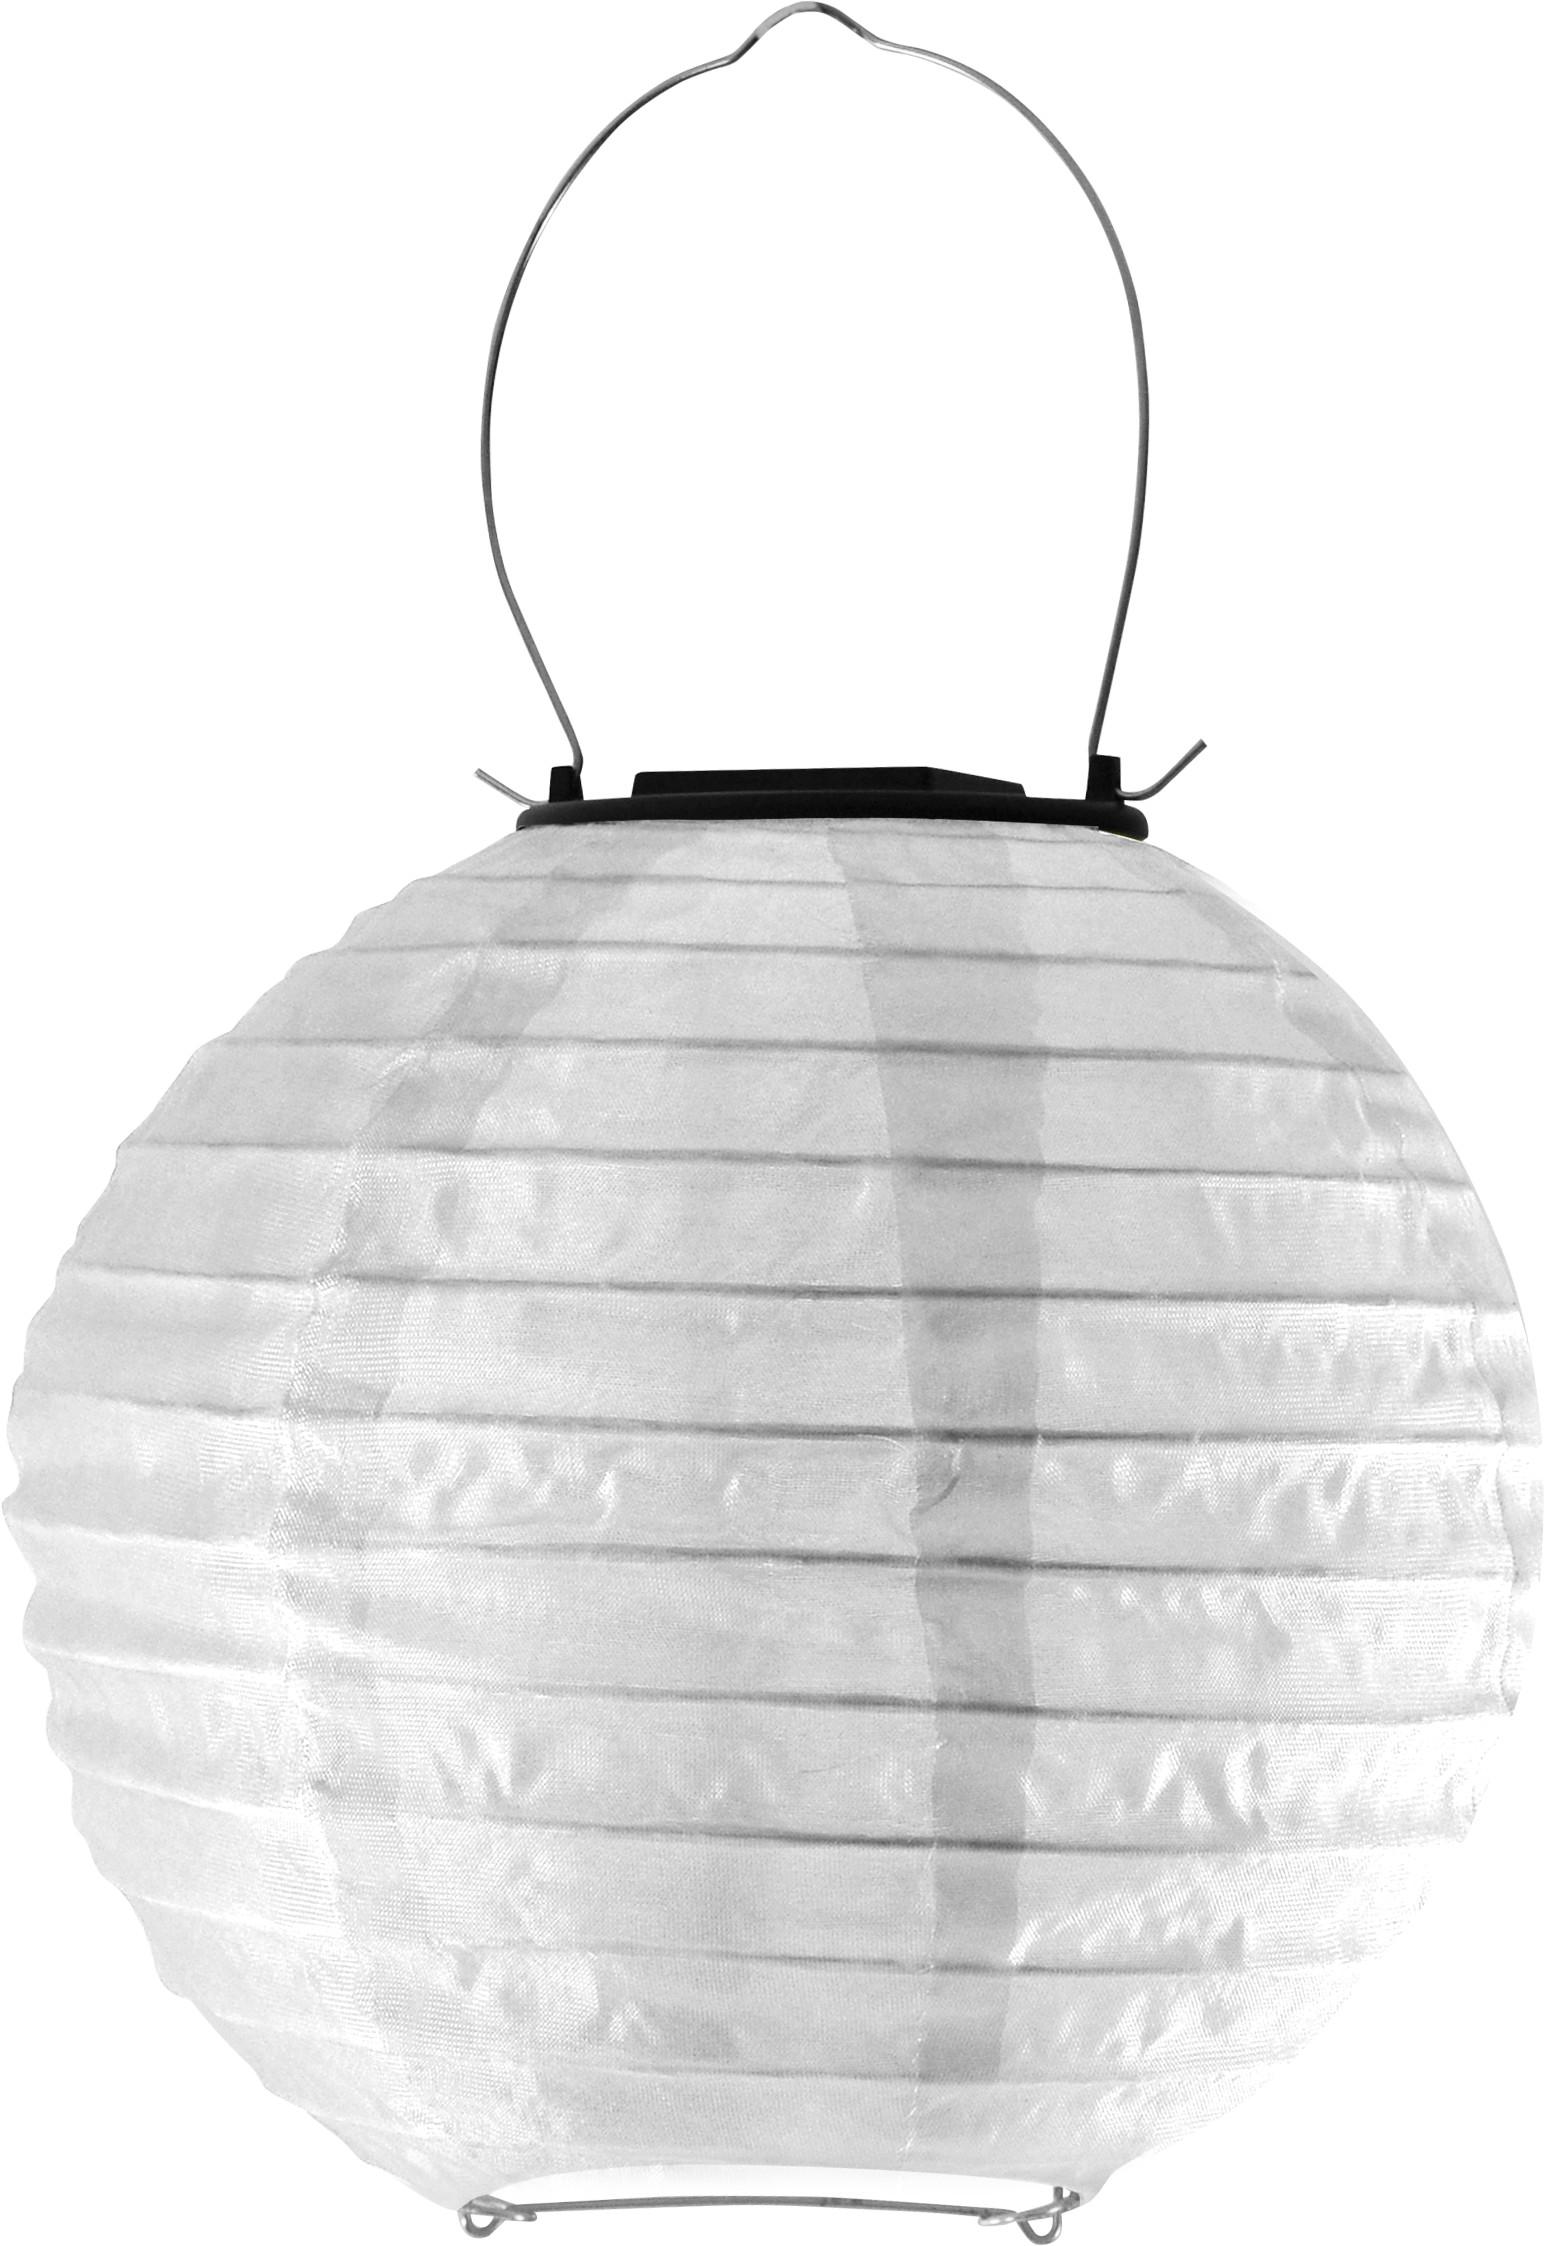 Polux Lampa solarna Lampion 309365 SANICO różne kolory ! 309365